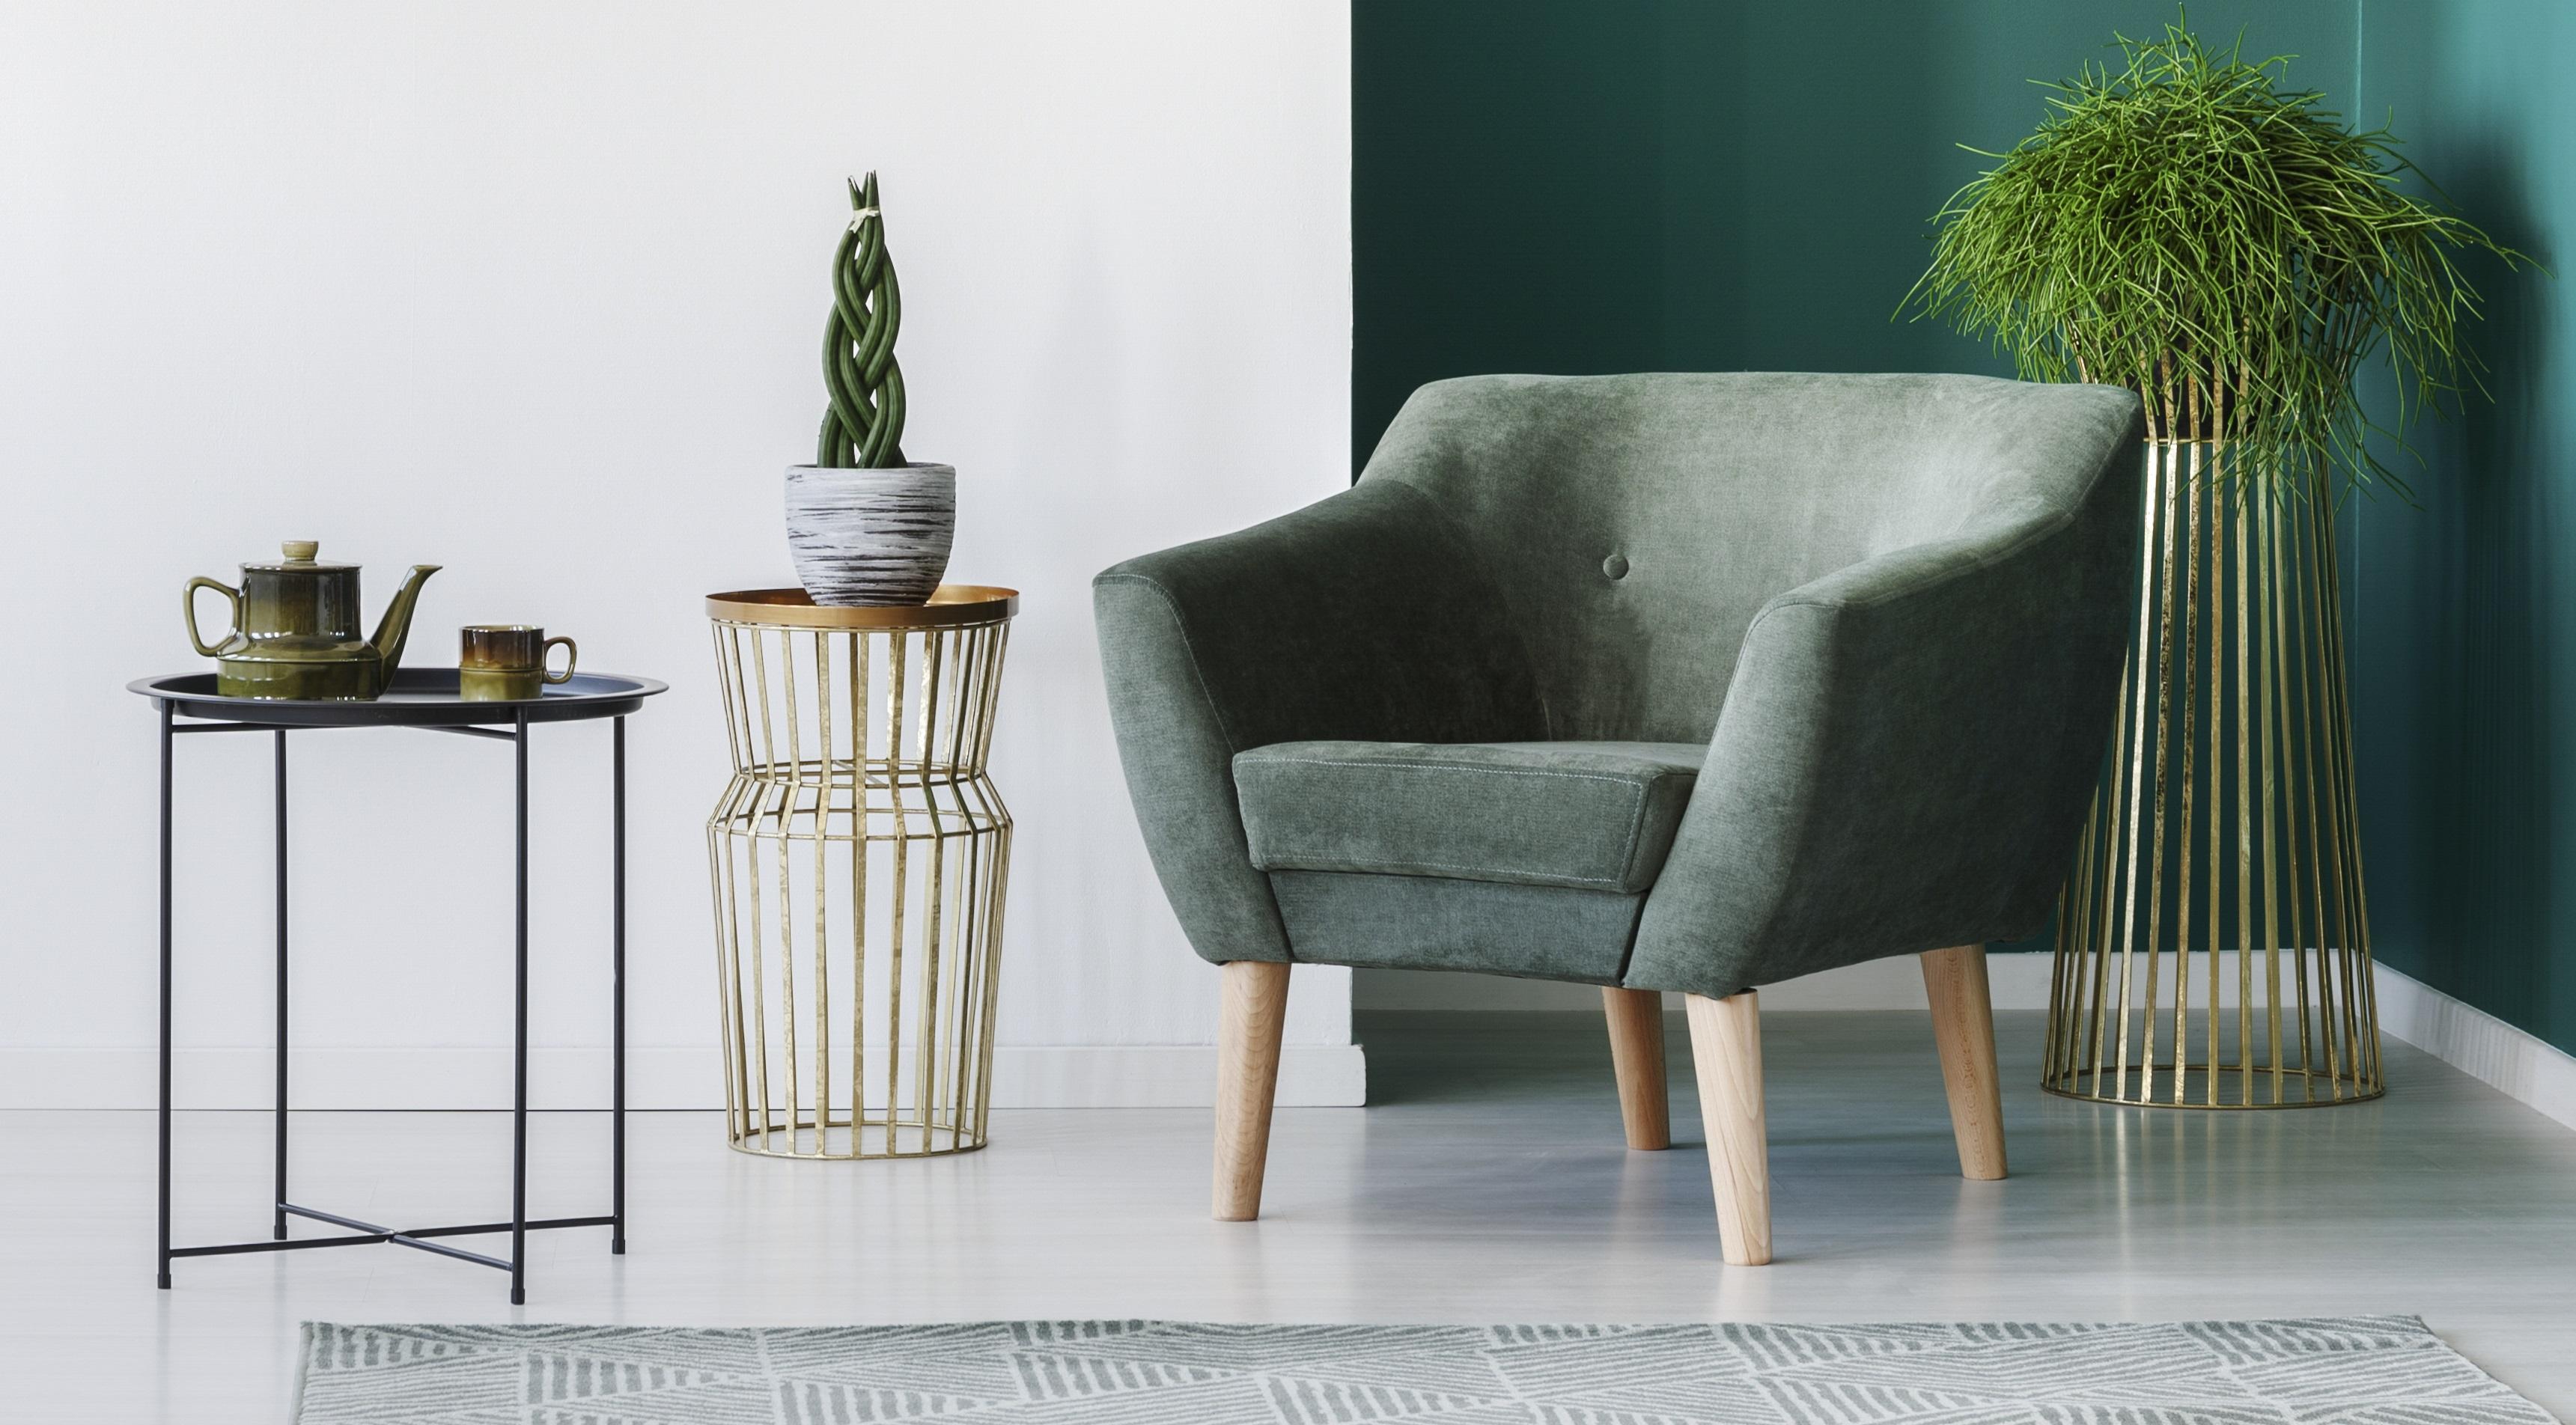 sala minimalista com parede e poltrona verdes, mesas de apoio e folhagem